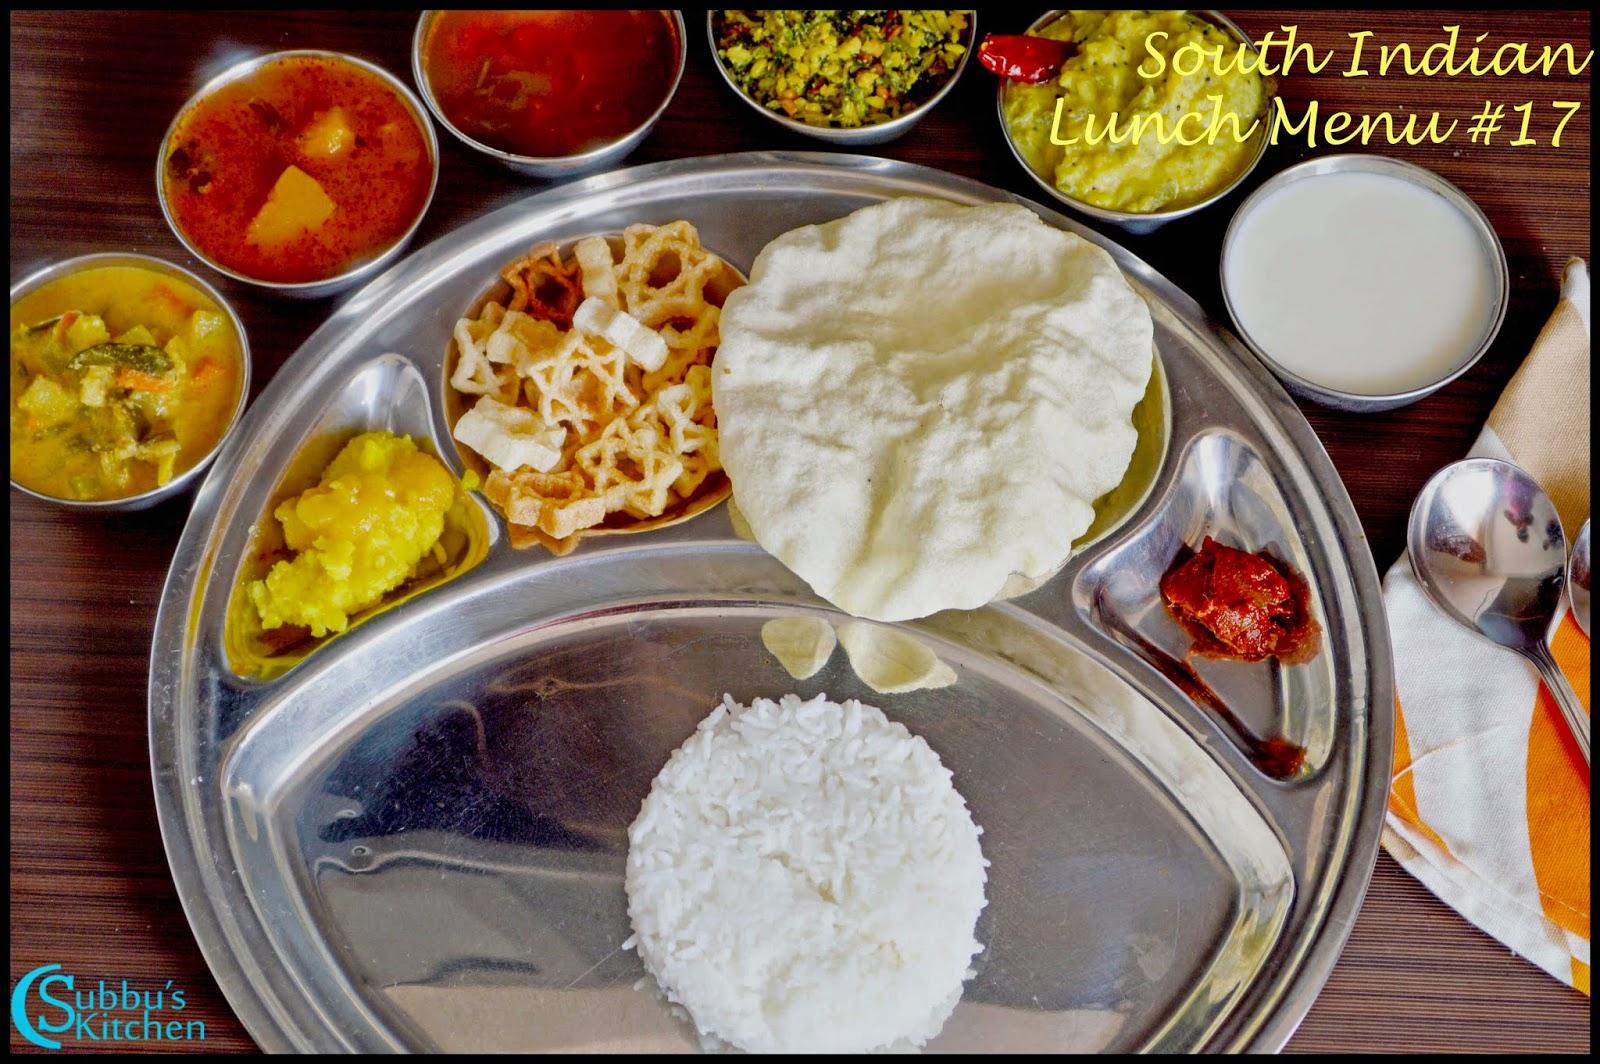 South Indian Lunch Menu 17 - Parangikai Puli Kuzhambu, Aviyal Kuzhambu, Vengaya Rasam, Vendaya Keerai Thuvaran, Peerkangai kootu